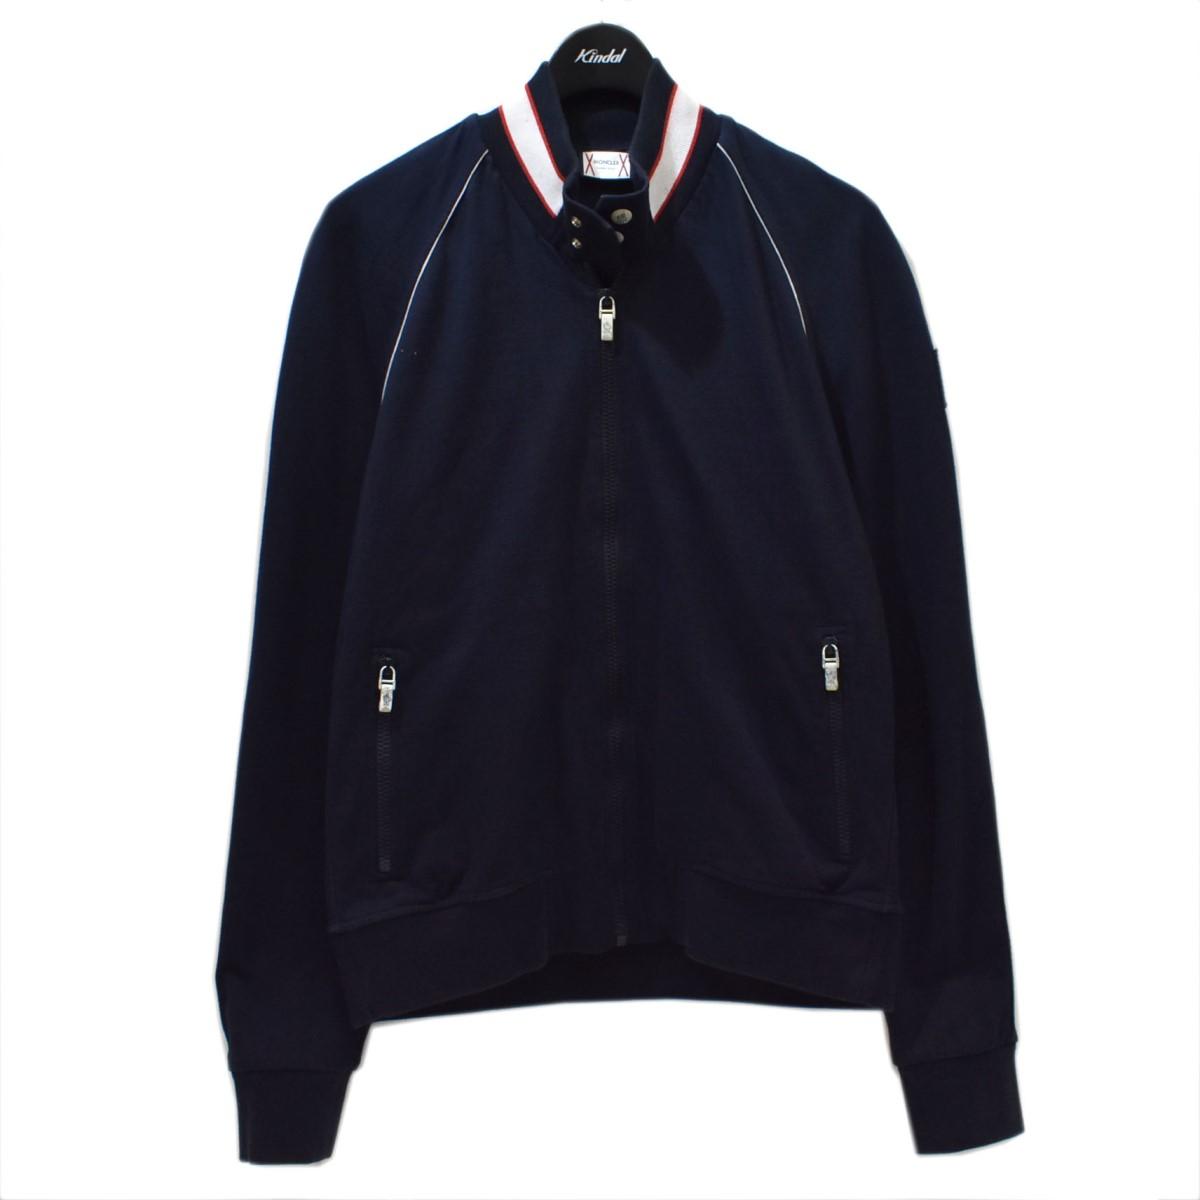 サイズ:M BLEU 【中古】MONCLER ブルー) ジップアップジャケット ネイビー 【130321】(モンクレール GAMME ガム